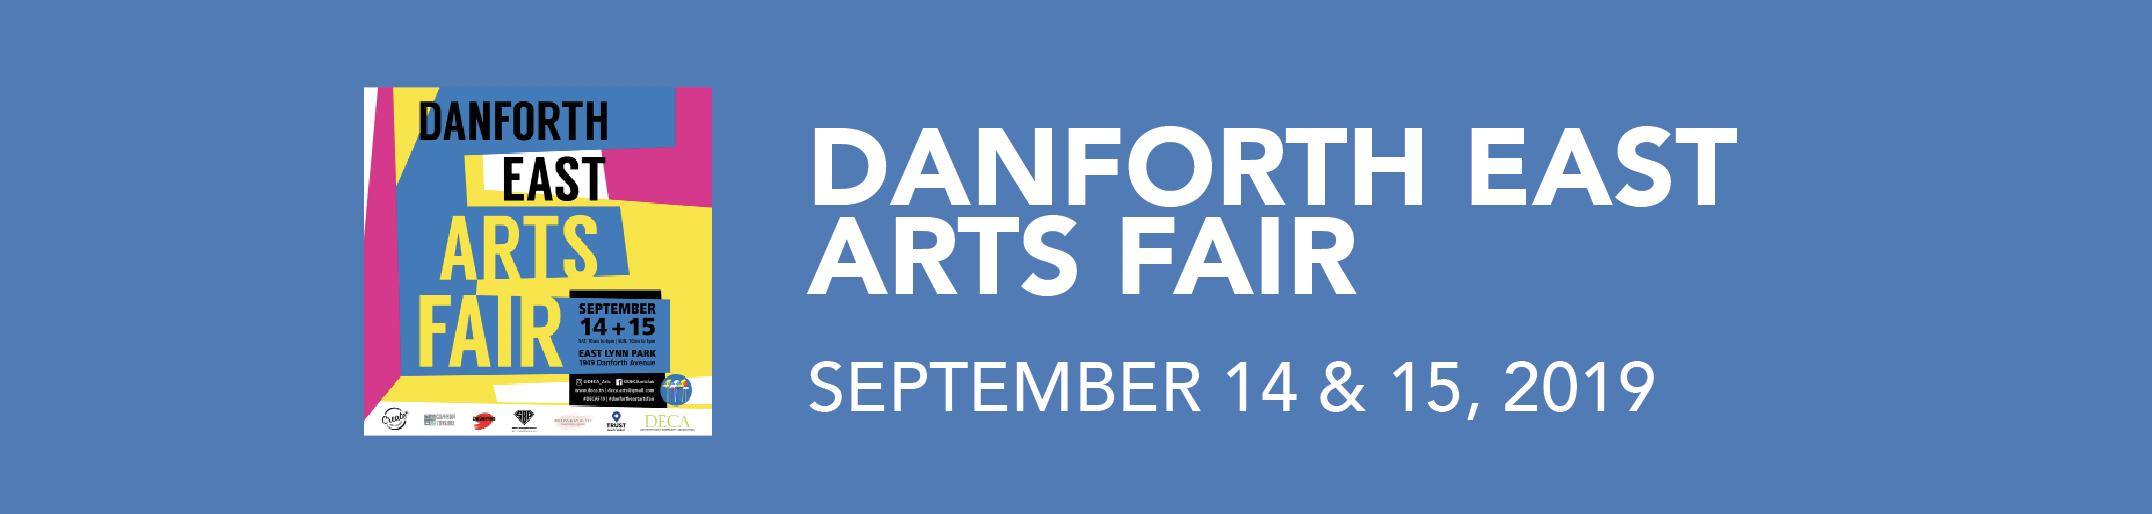 Danforth East Arts Fair